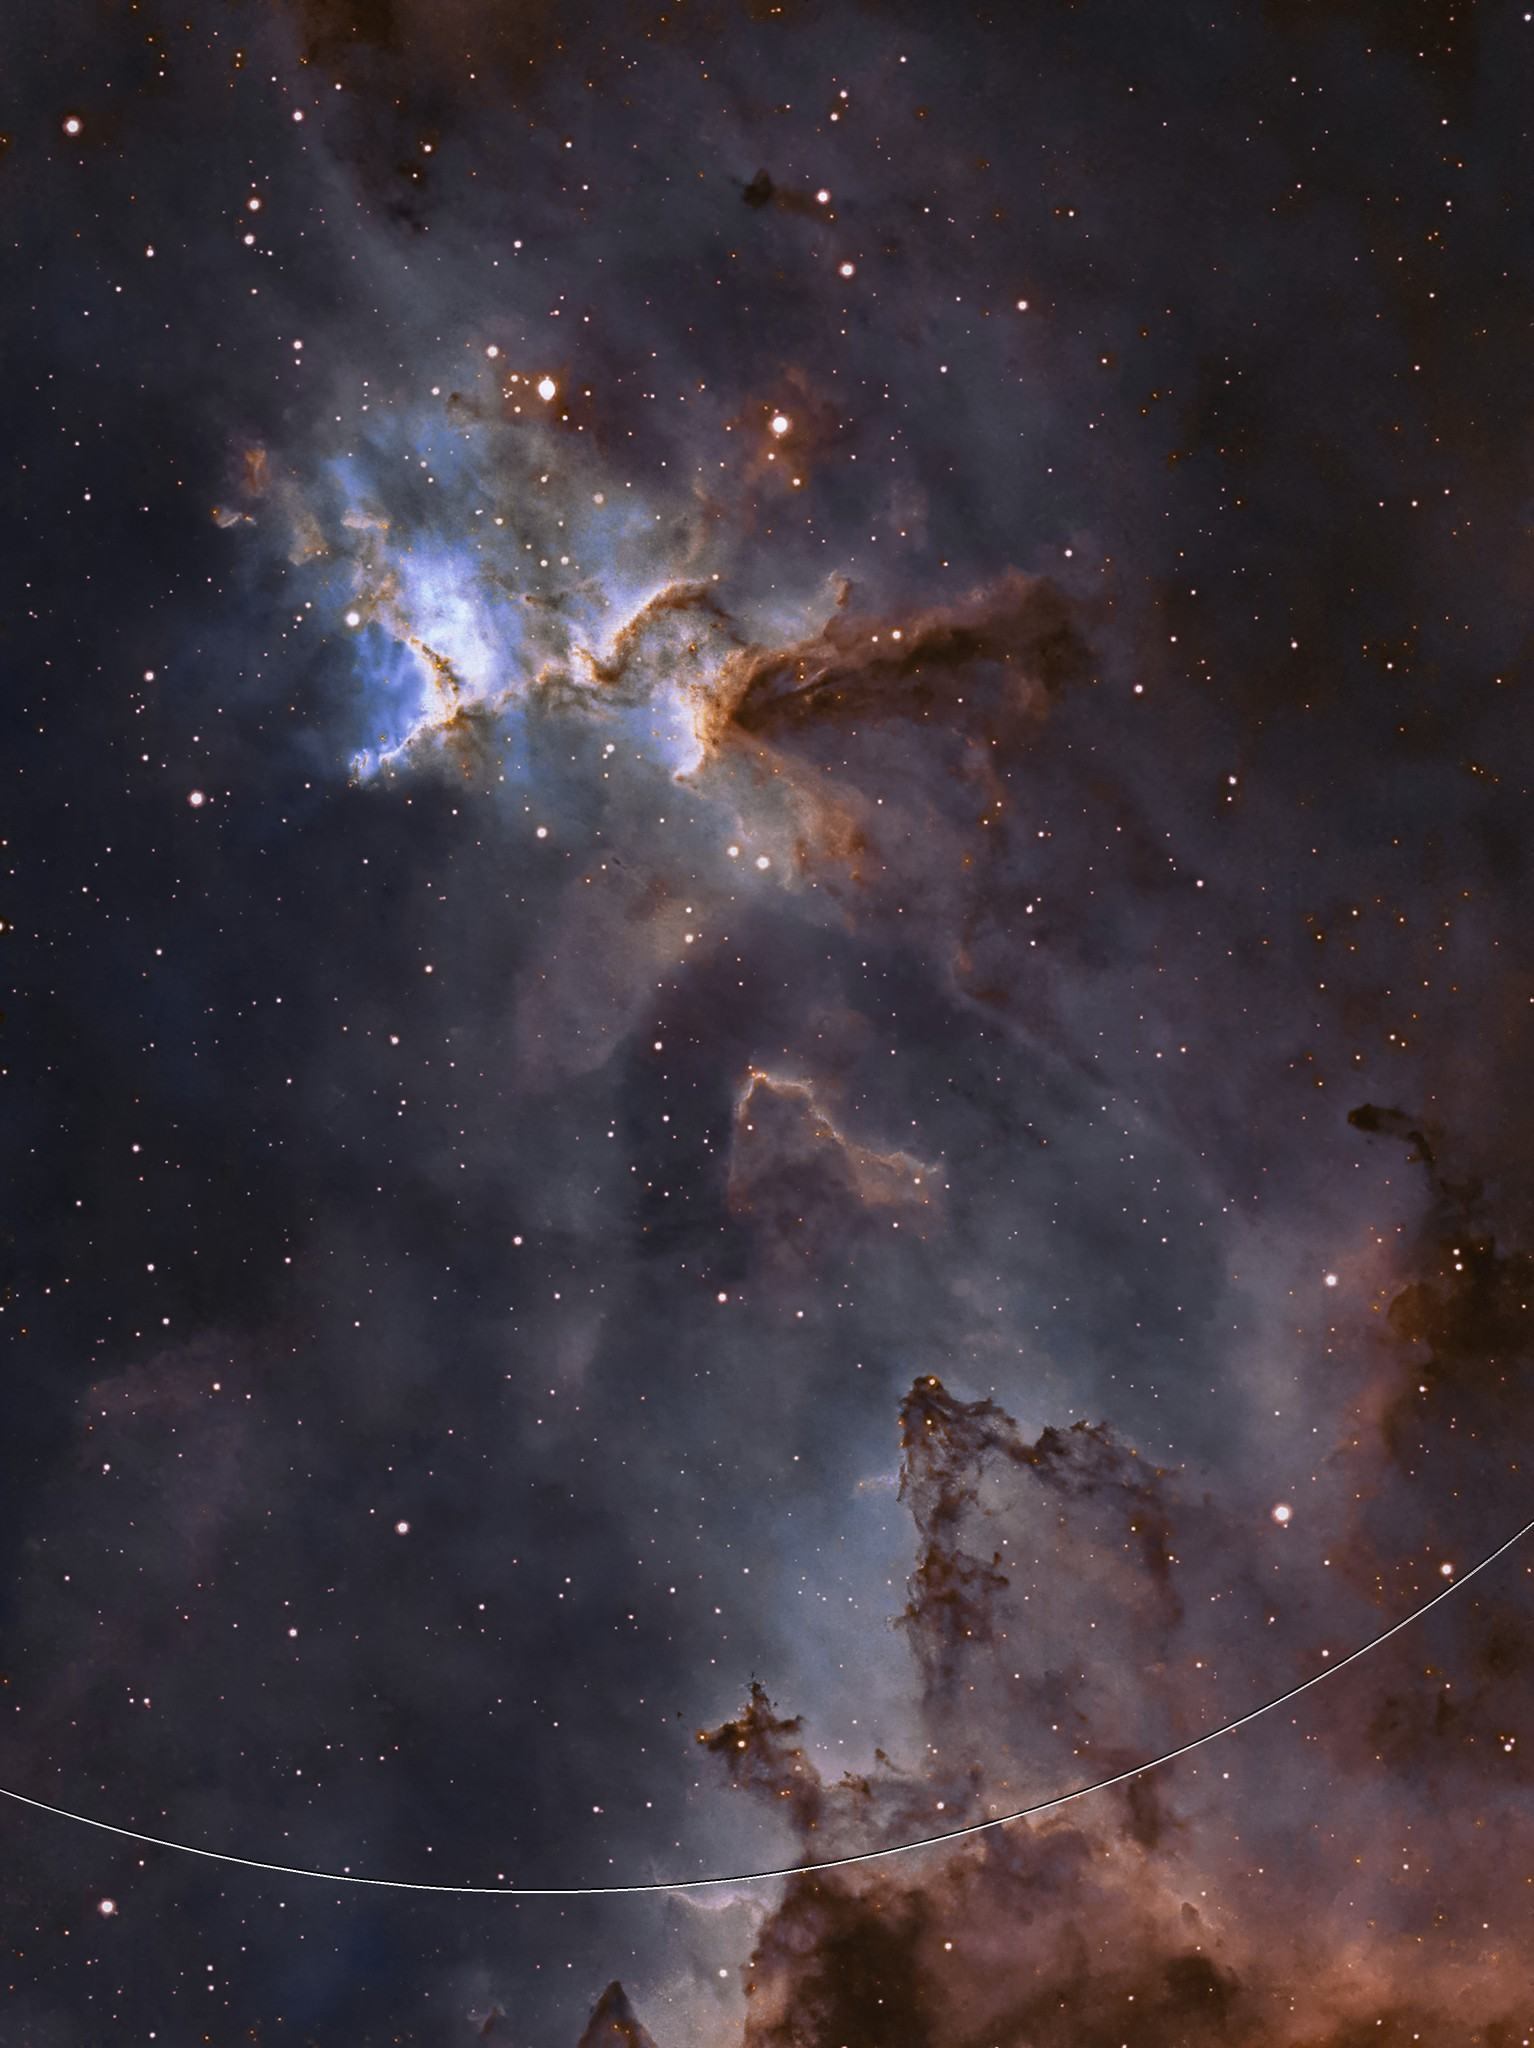 Melotte 15 in IC1805 Heart Nebula in SHO Hubble palette.